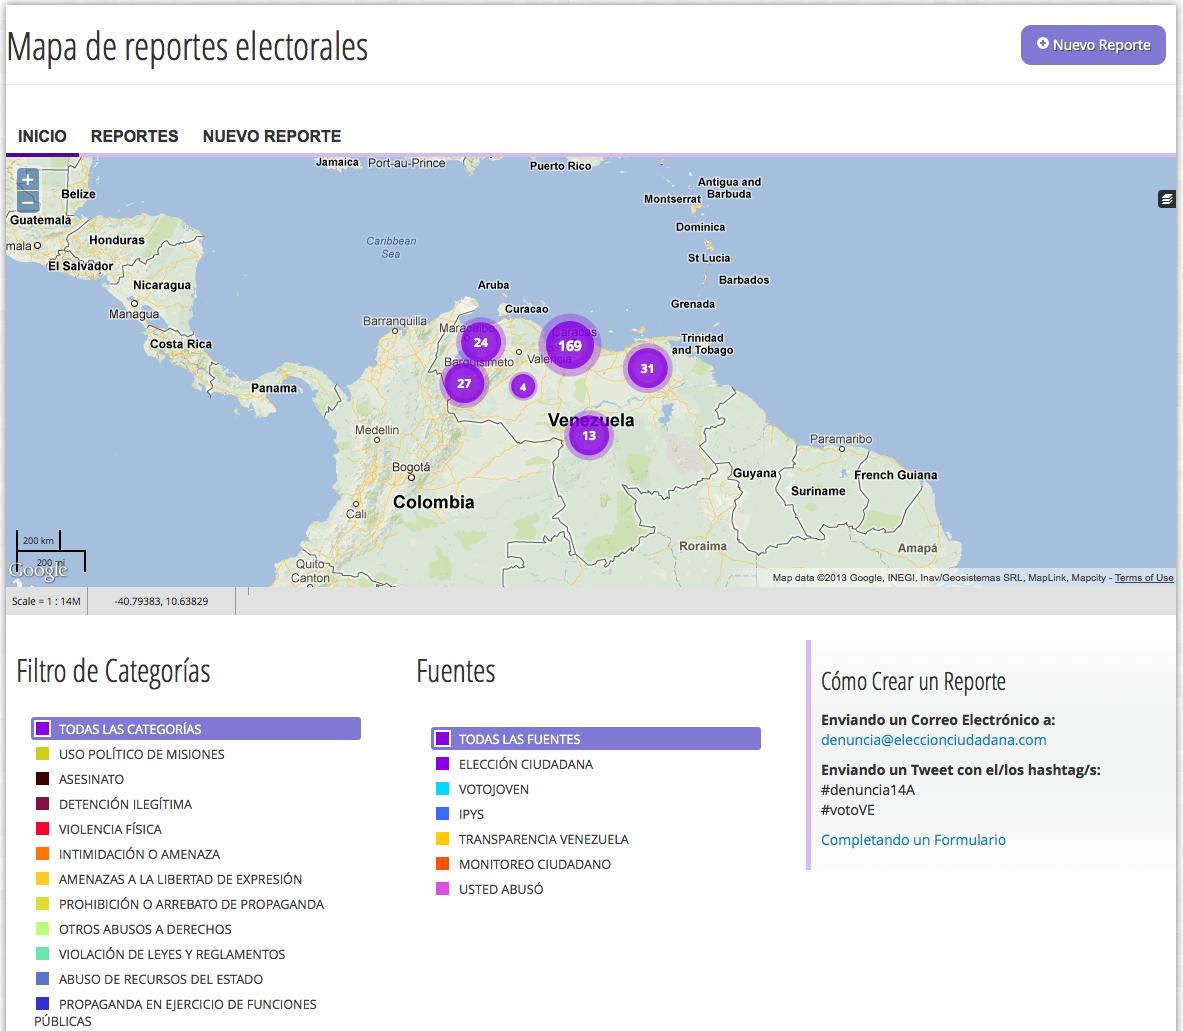 Elección ciudadana map